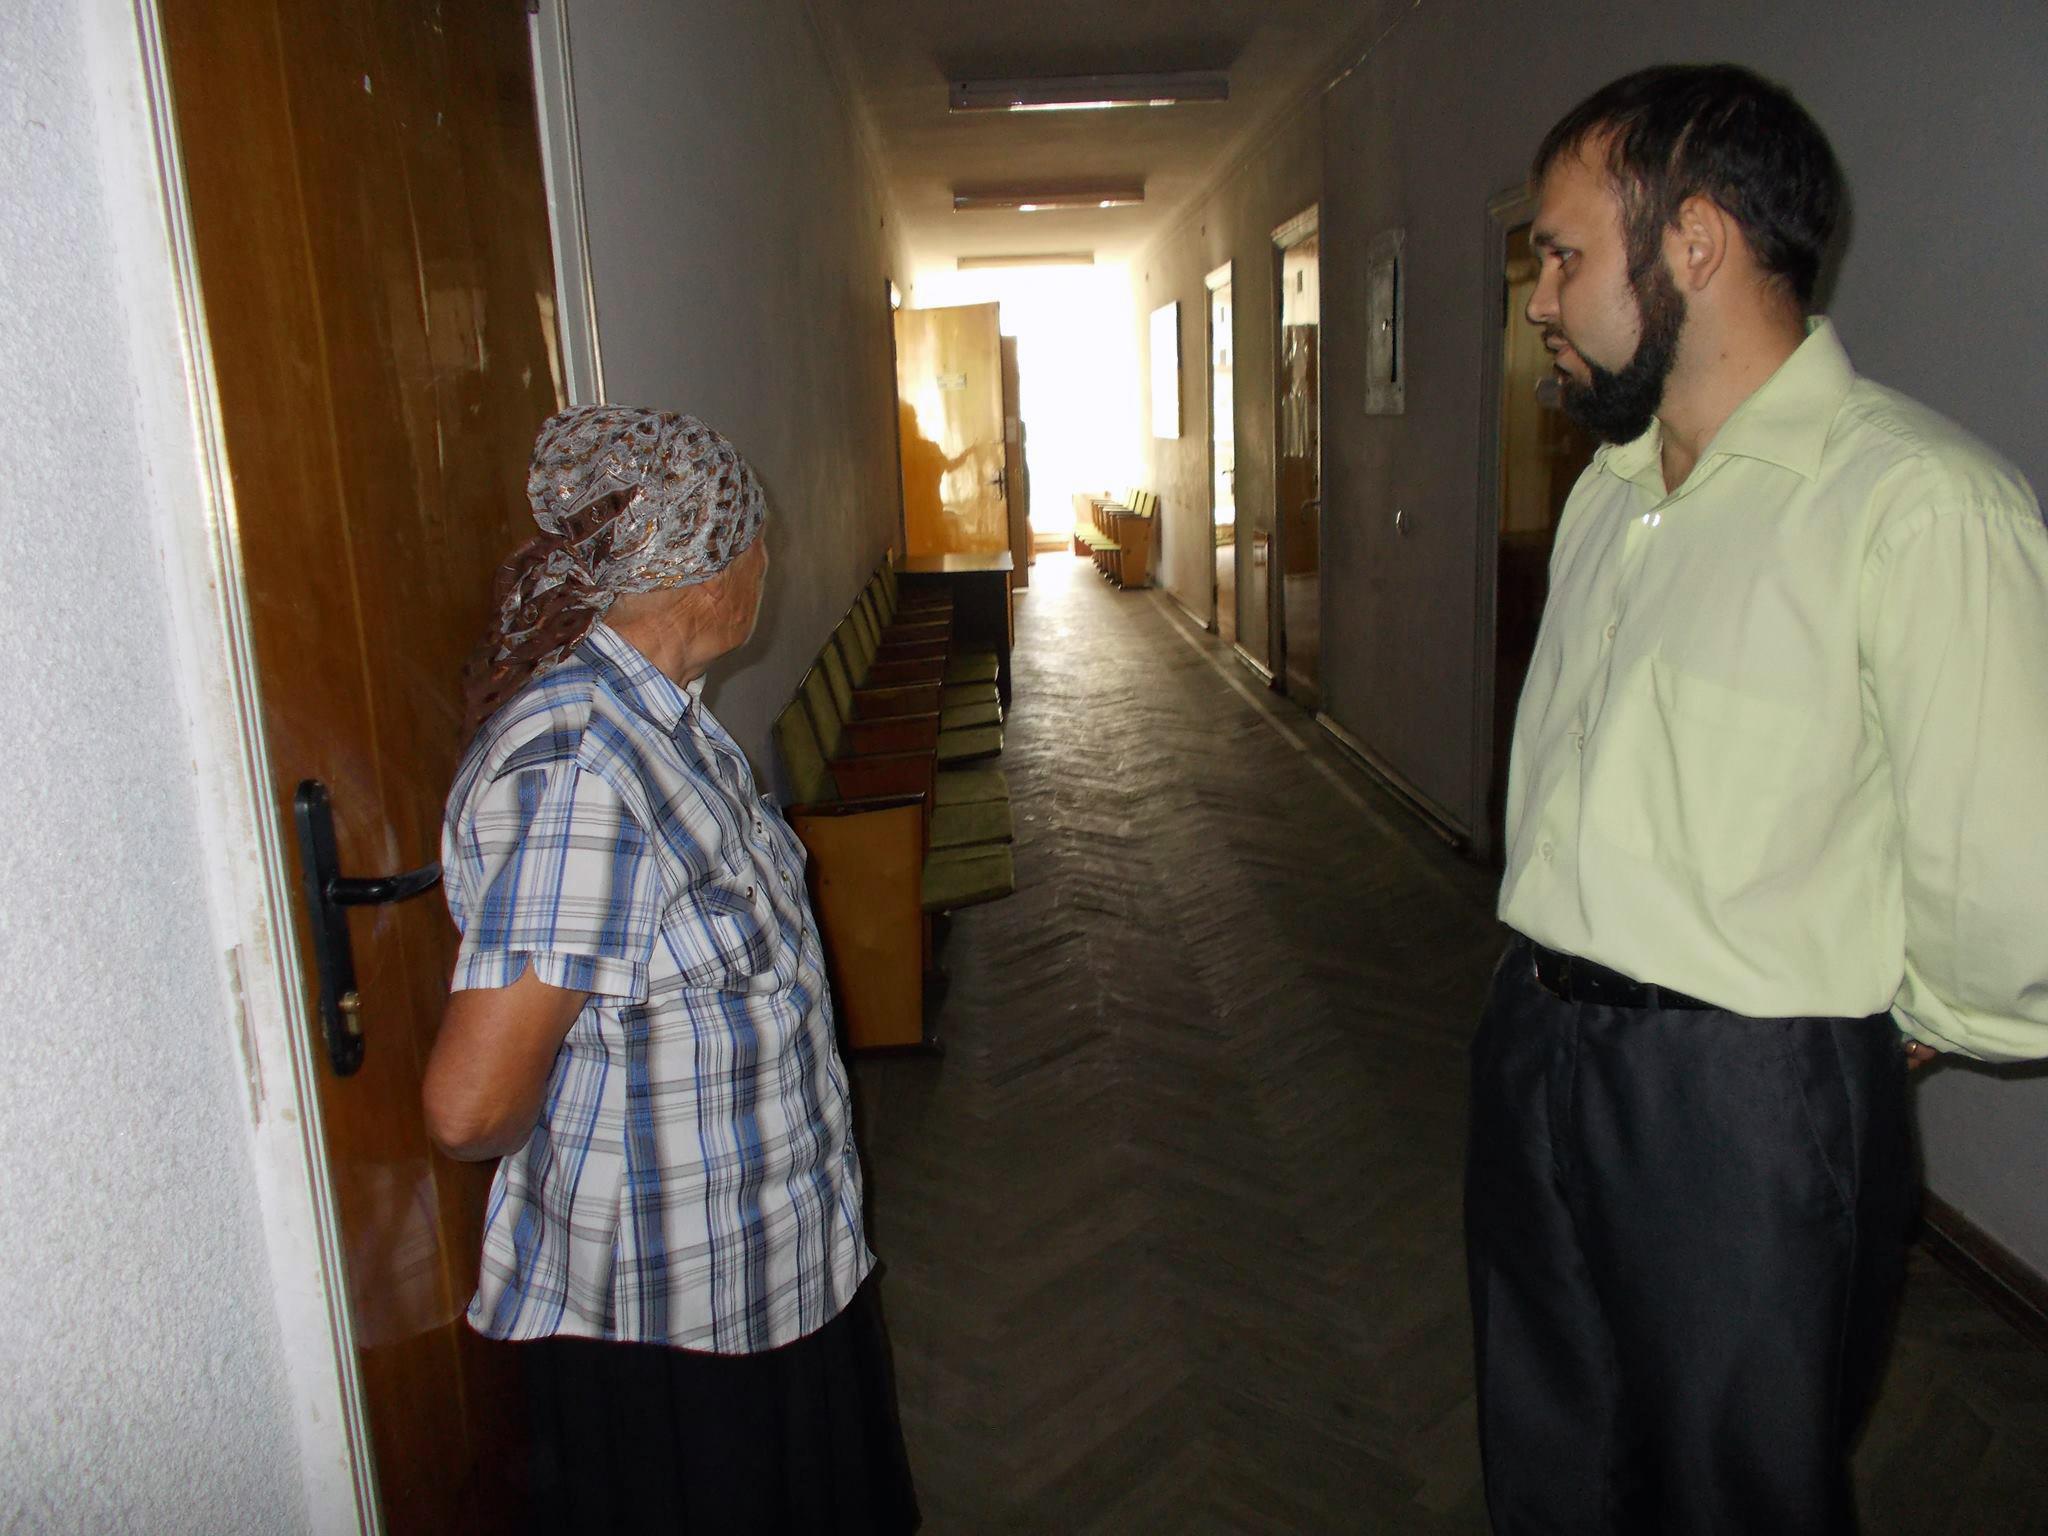 Віряни УПЦ (МП) заборонили священику Київського Патріархату помолитися у капличці міськради